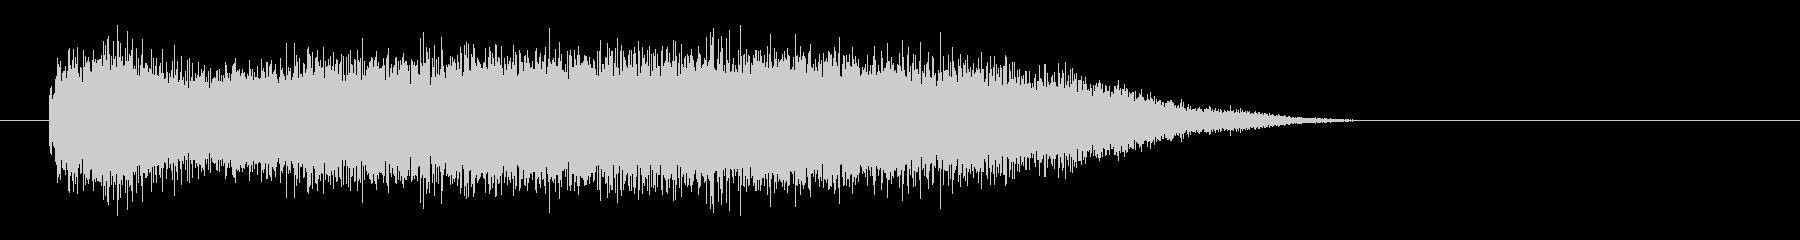 レーザー音-71-3の未再生の波形